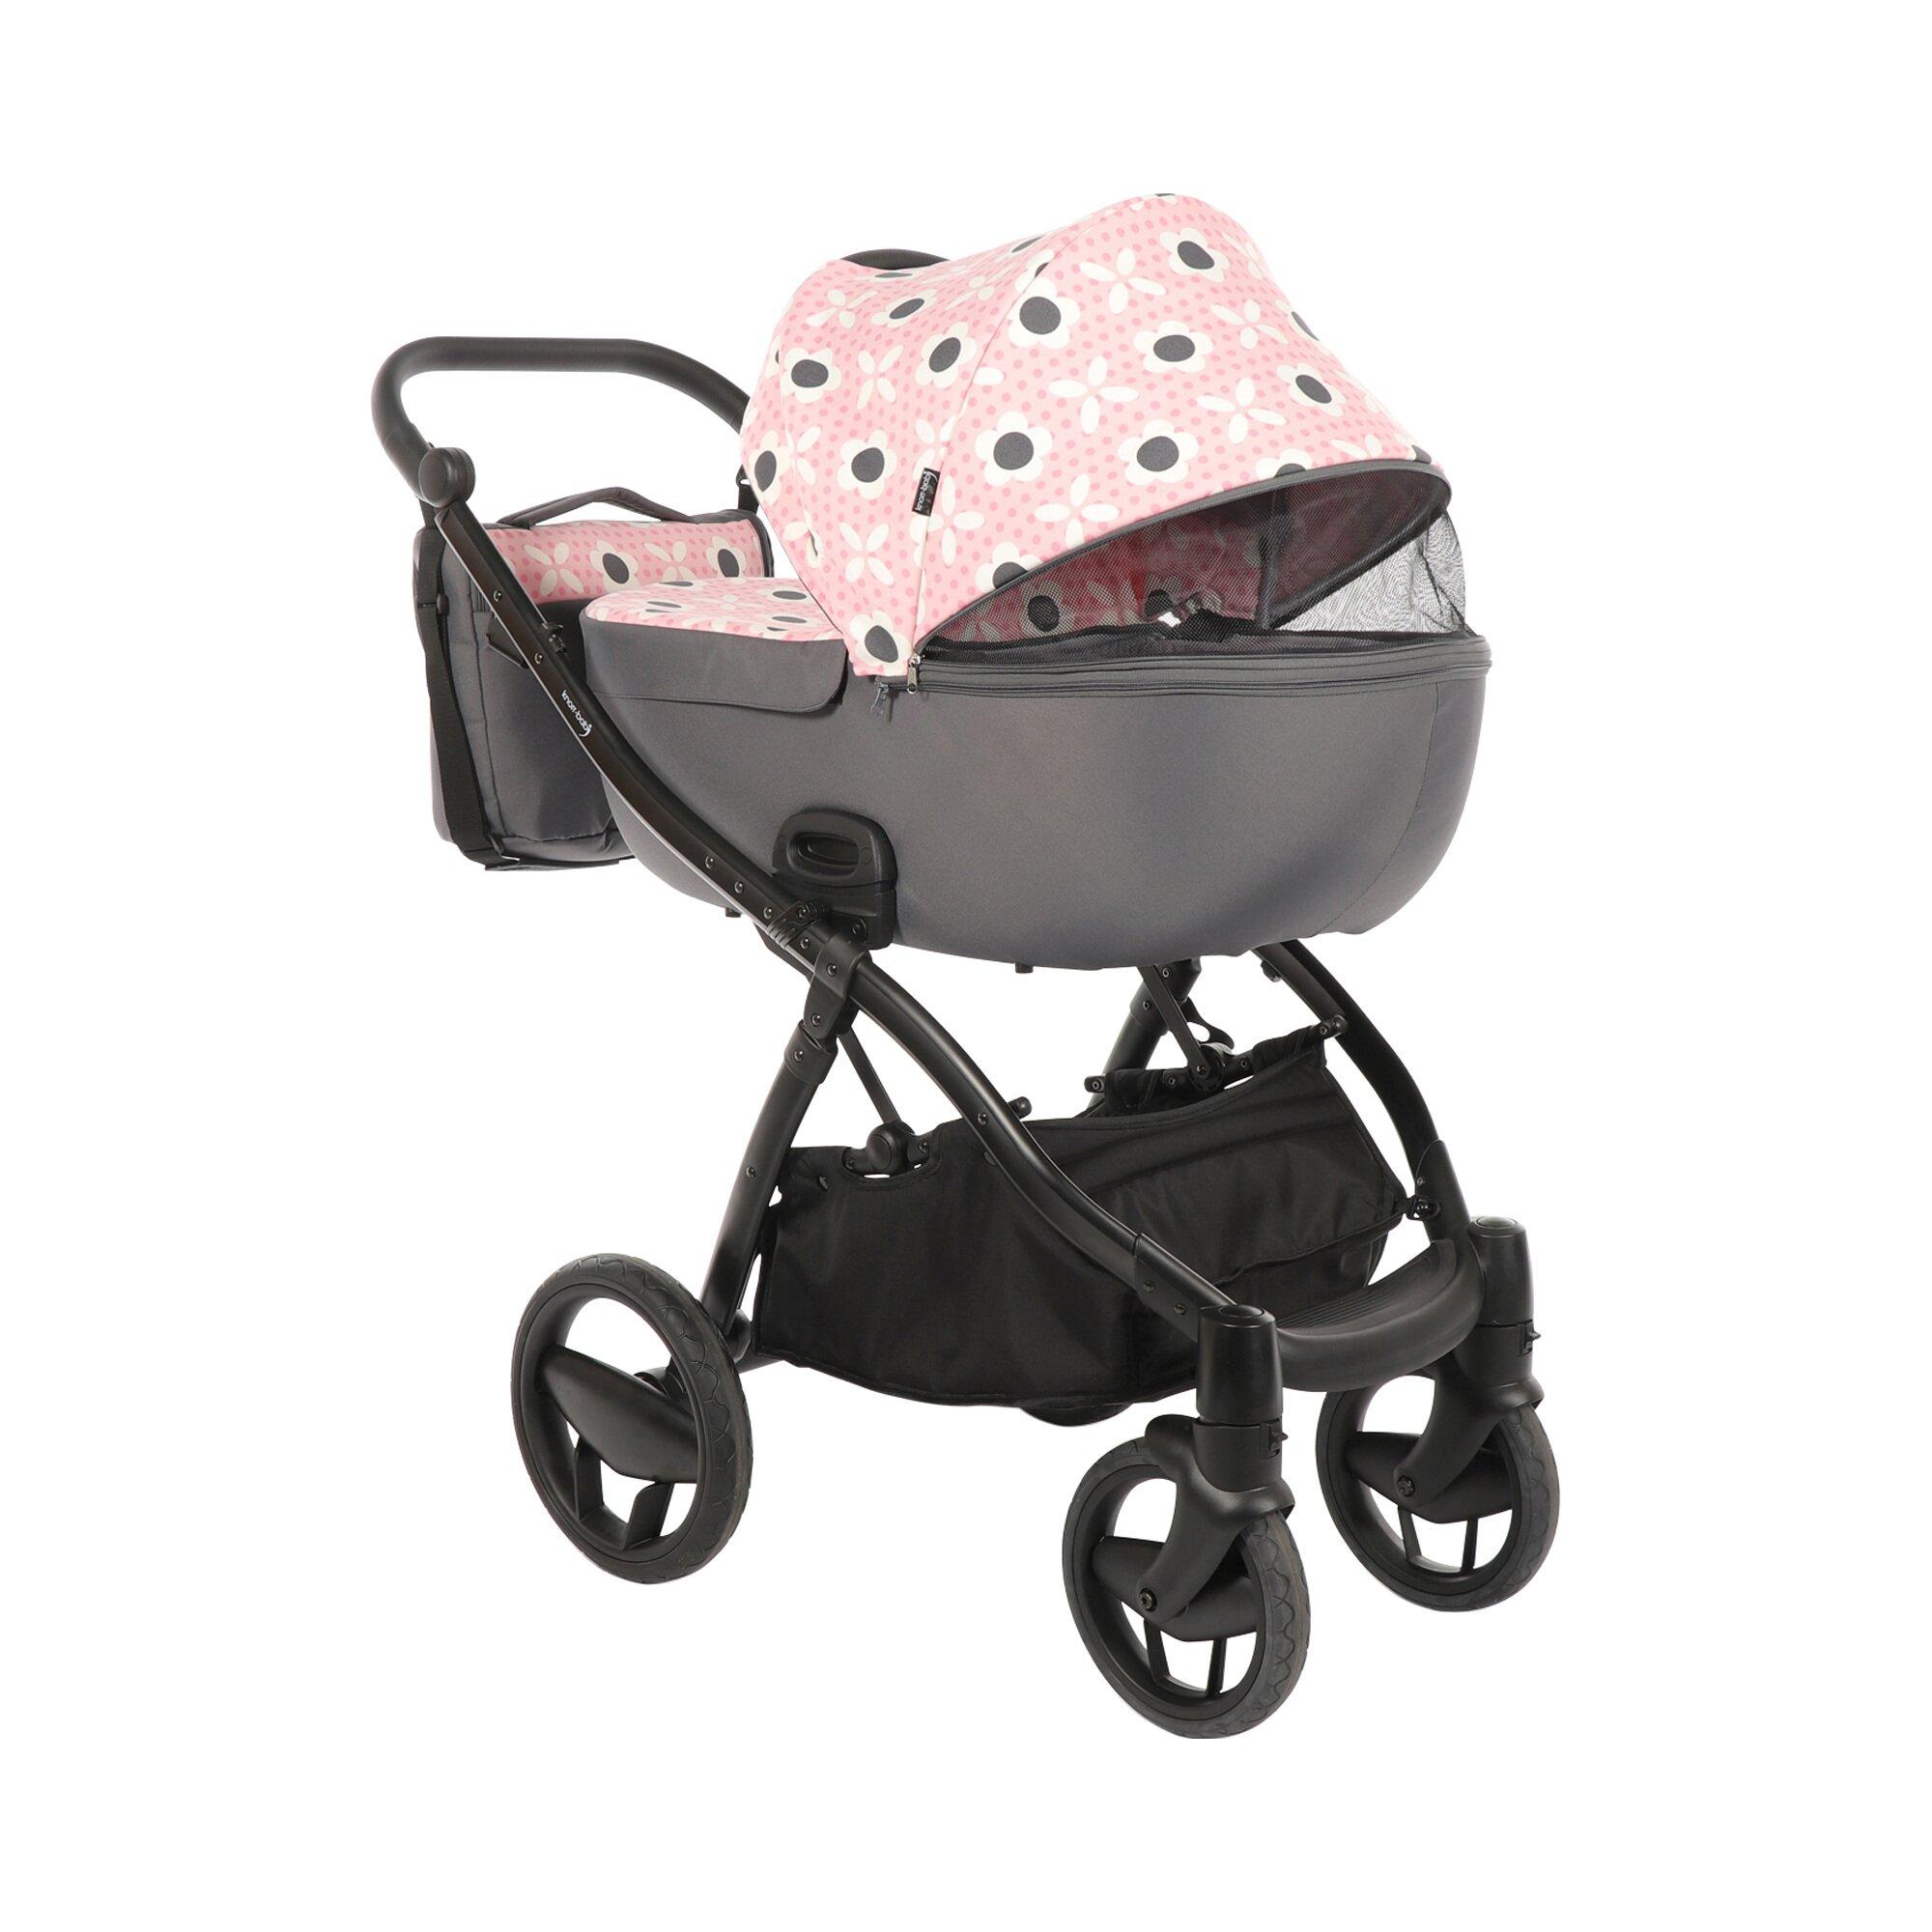 knorr-baby-piquetto-kombikinderwagen-mehrfarbig